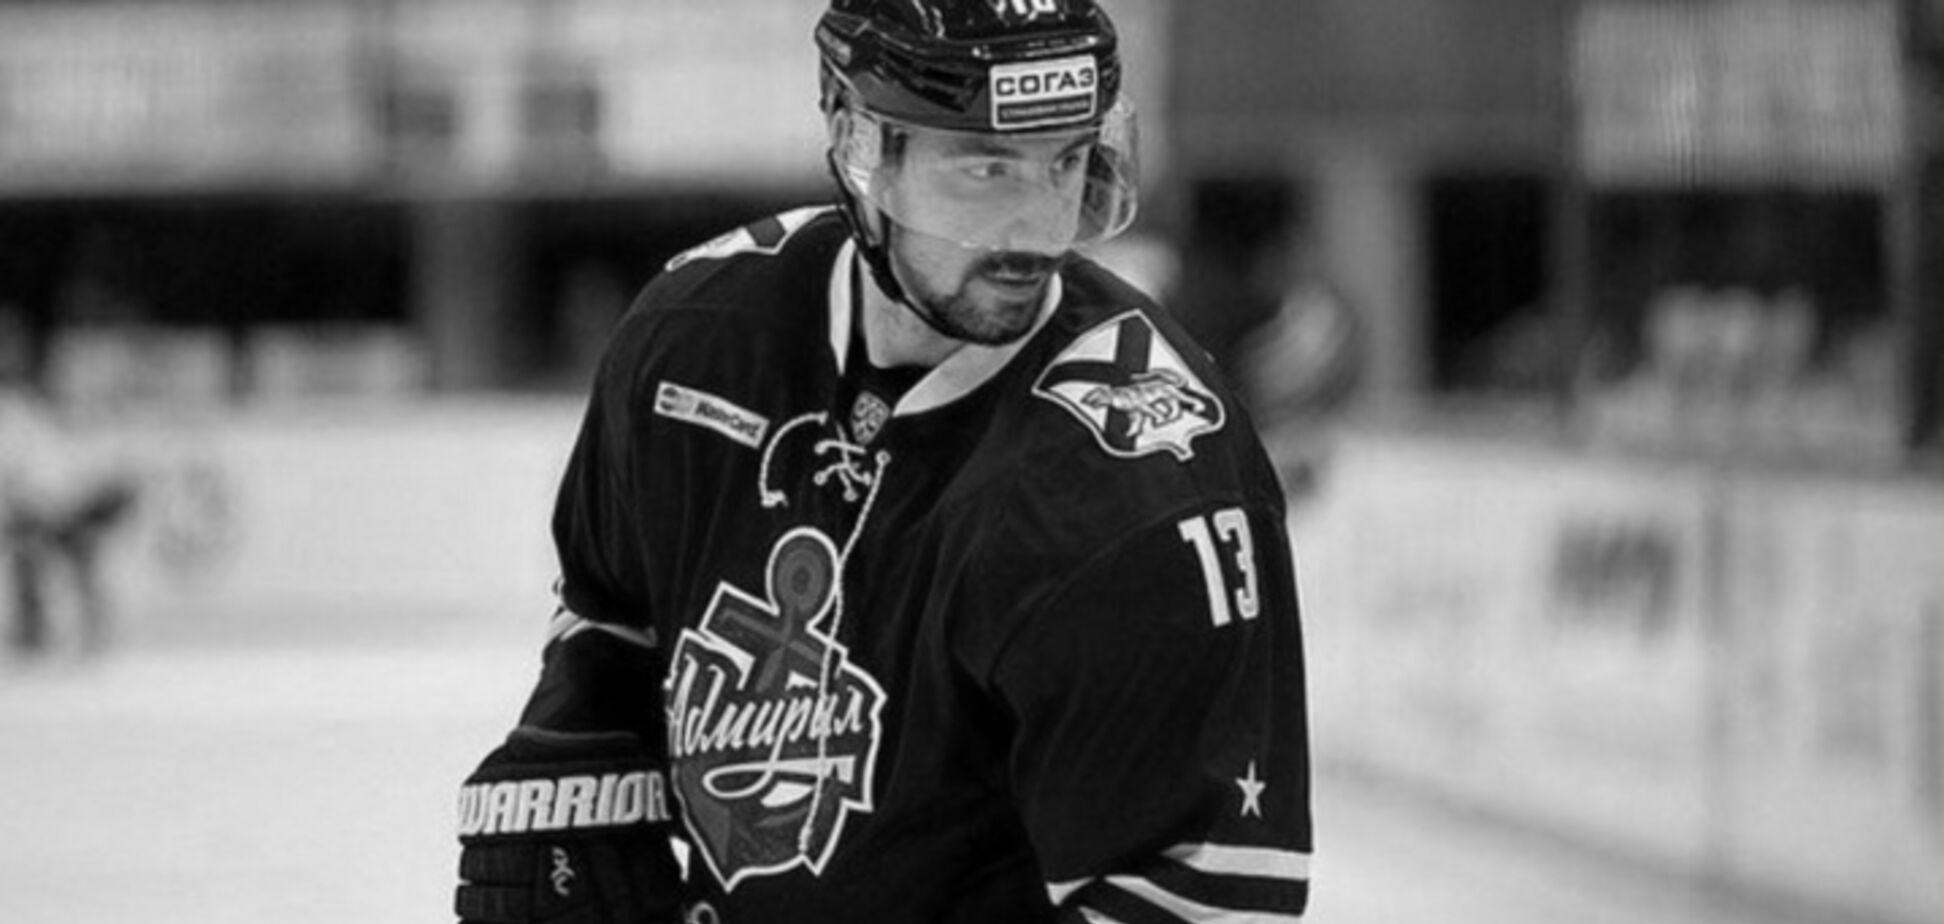 Известный российский хоккеист умер после удара в спину на матче